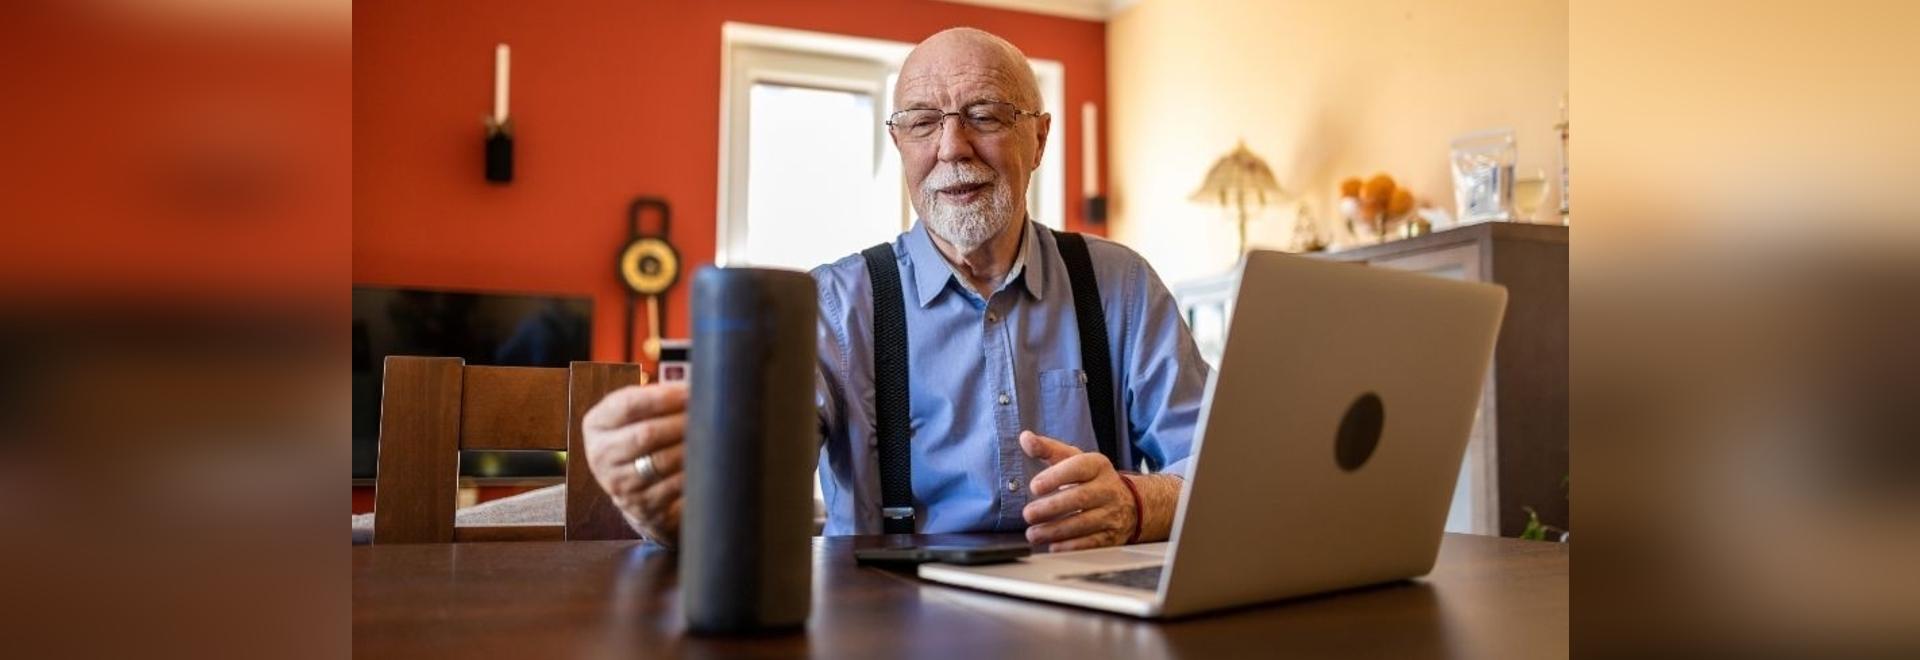 Une étude observe les personnes âgées et la technologie intelligente